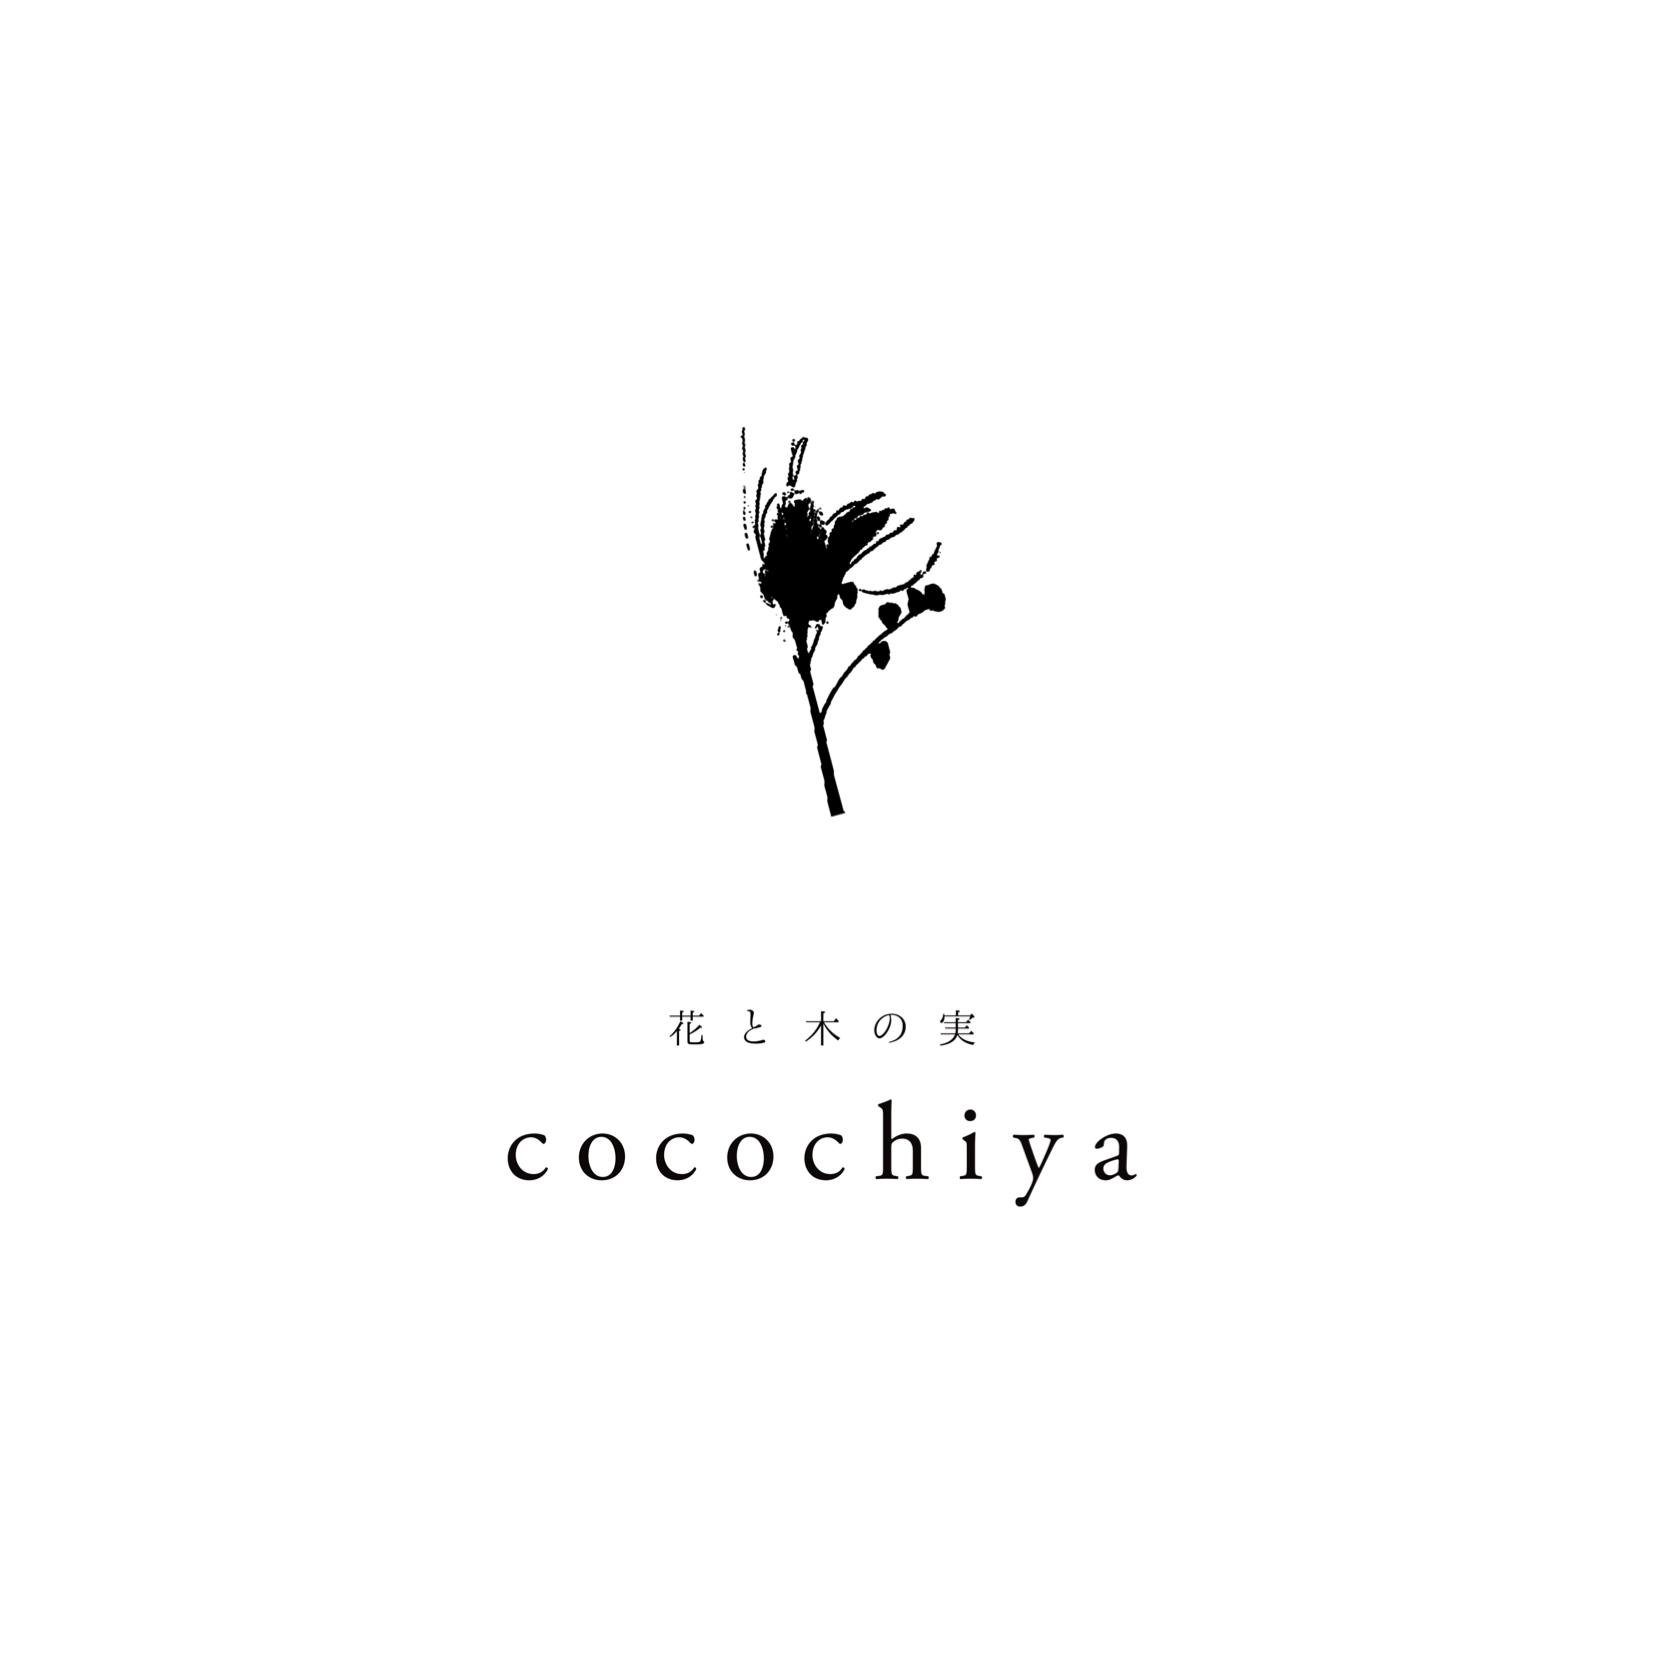 花と木の実 cocochiya